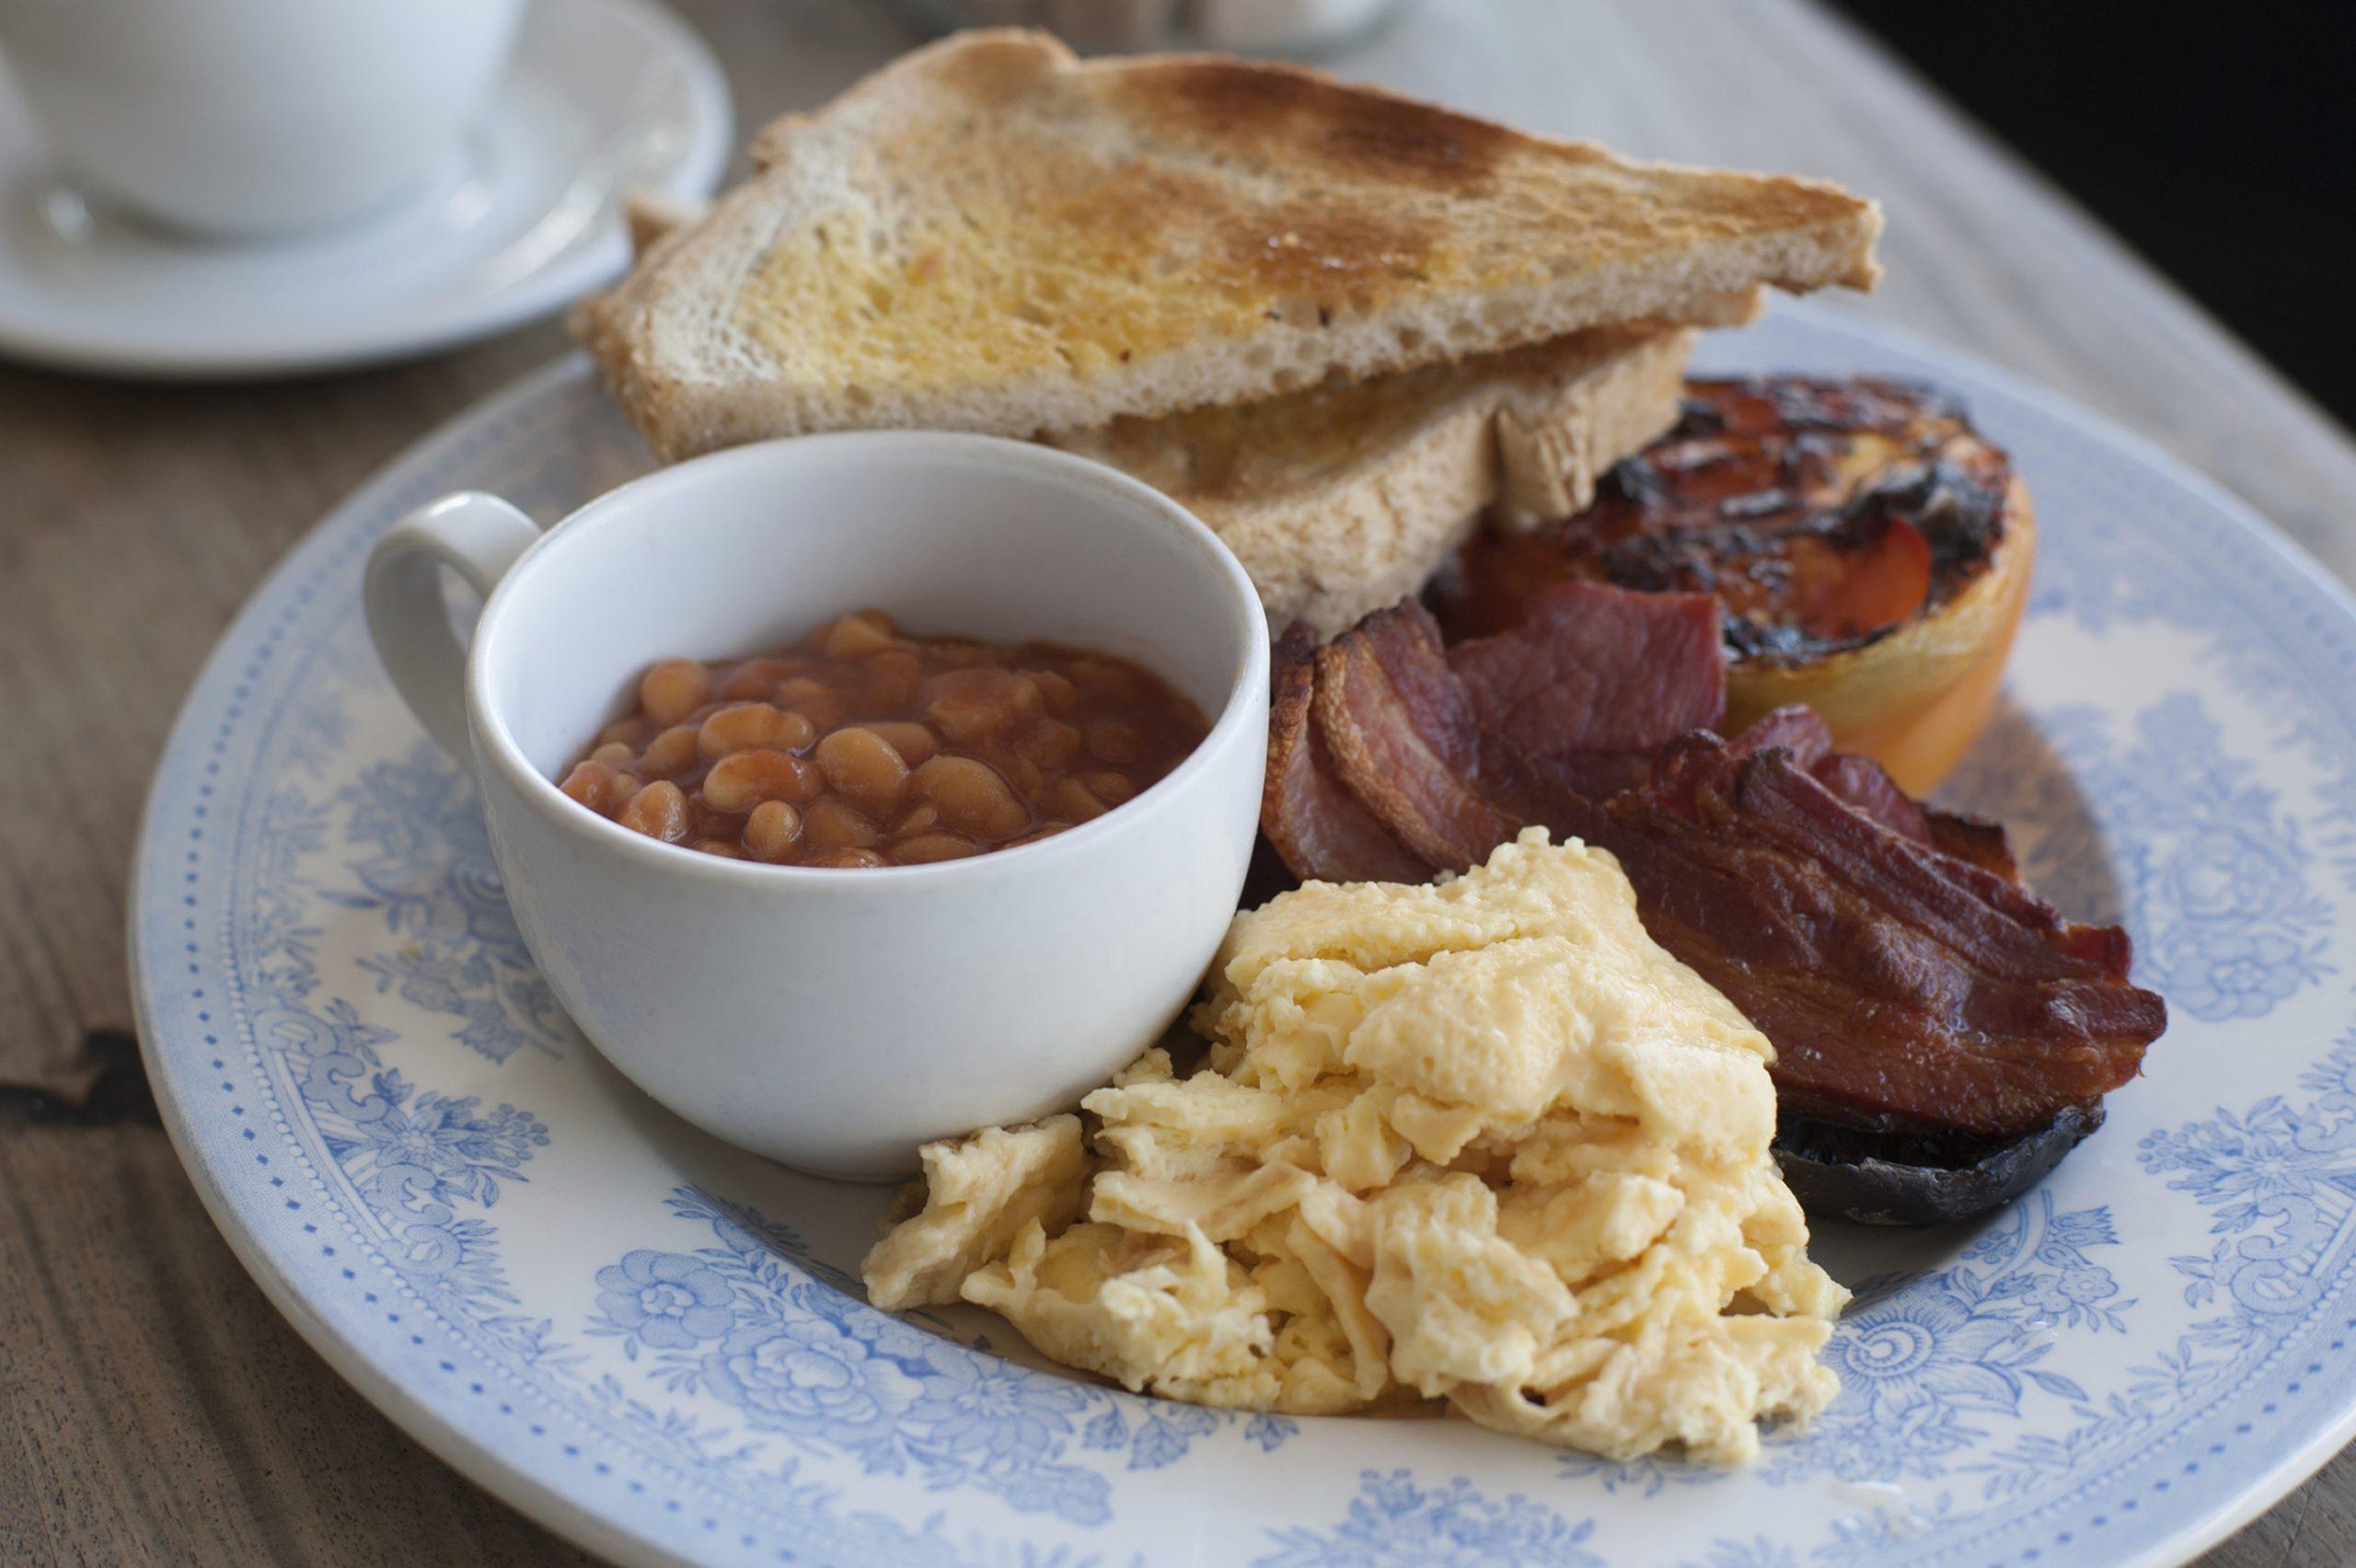 Desayuno tradicional inglés